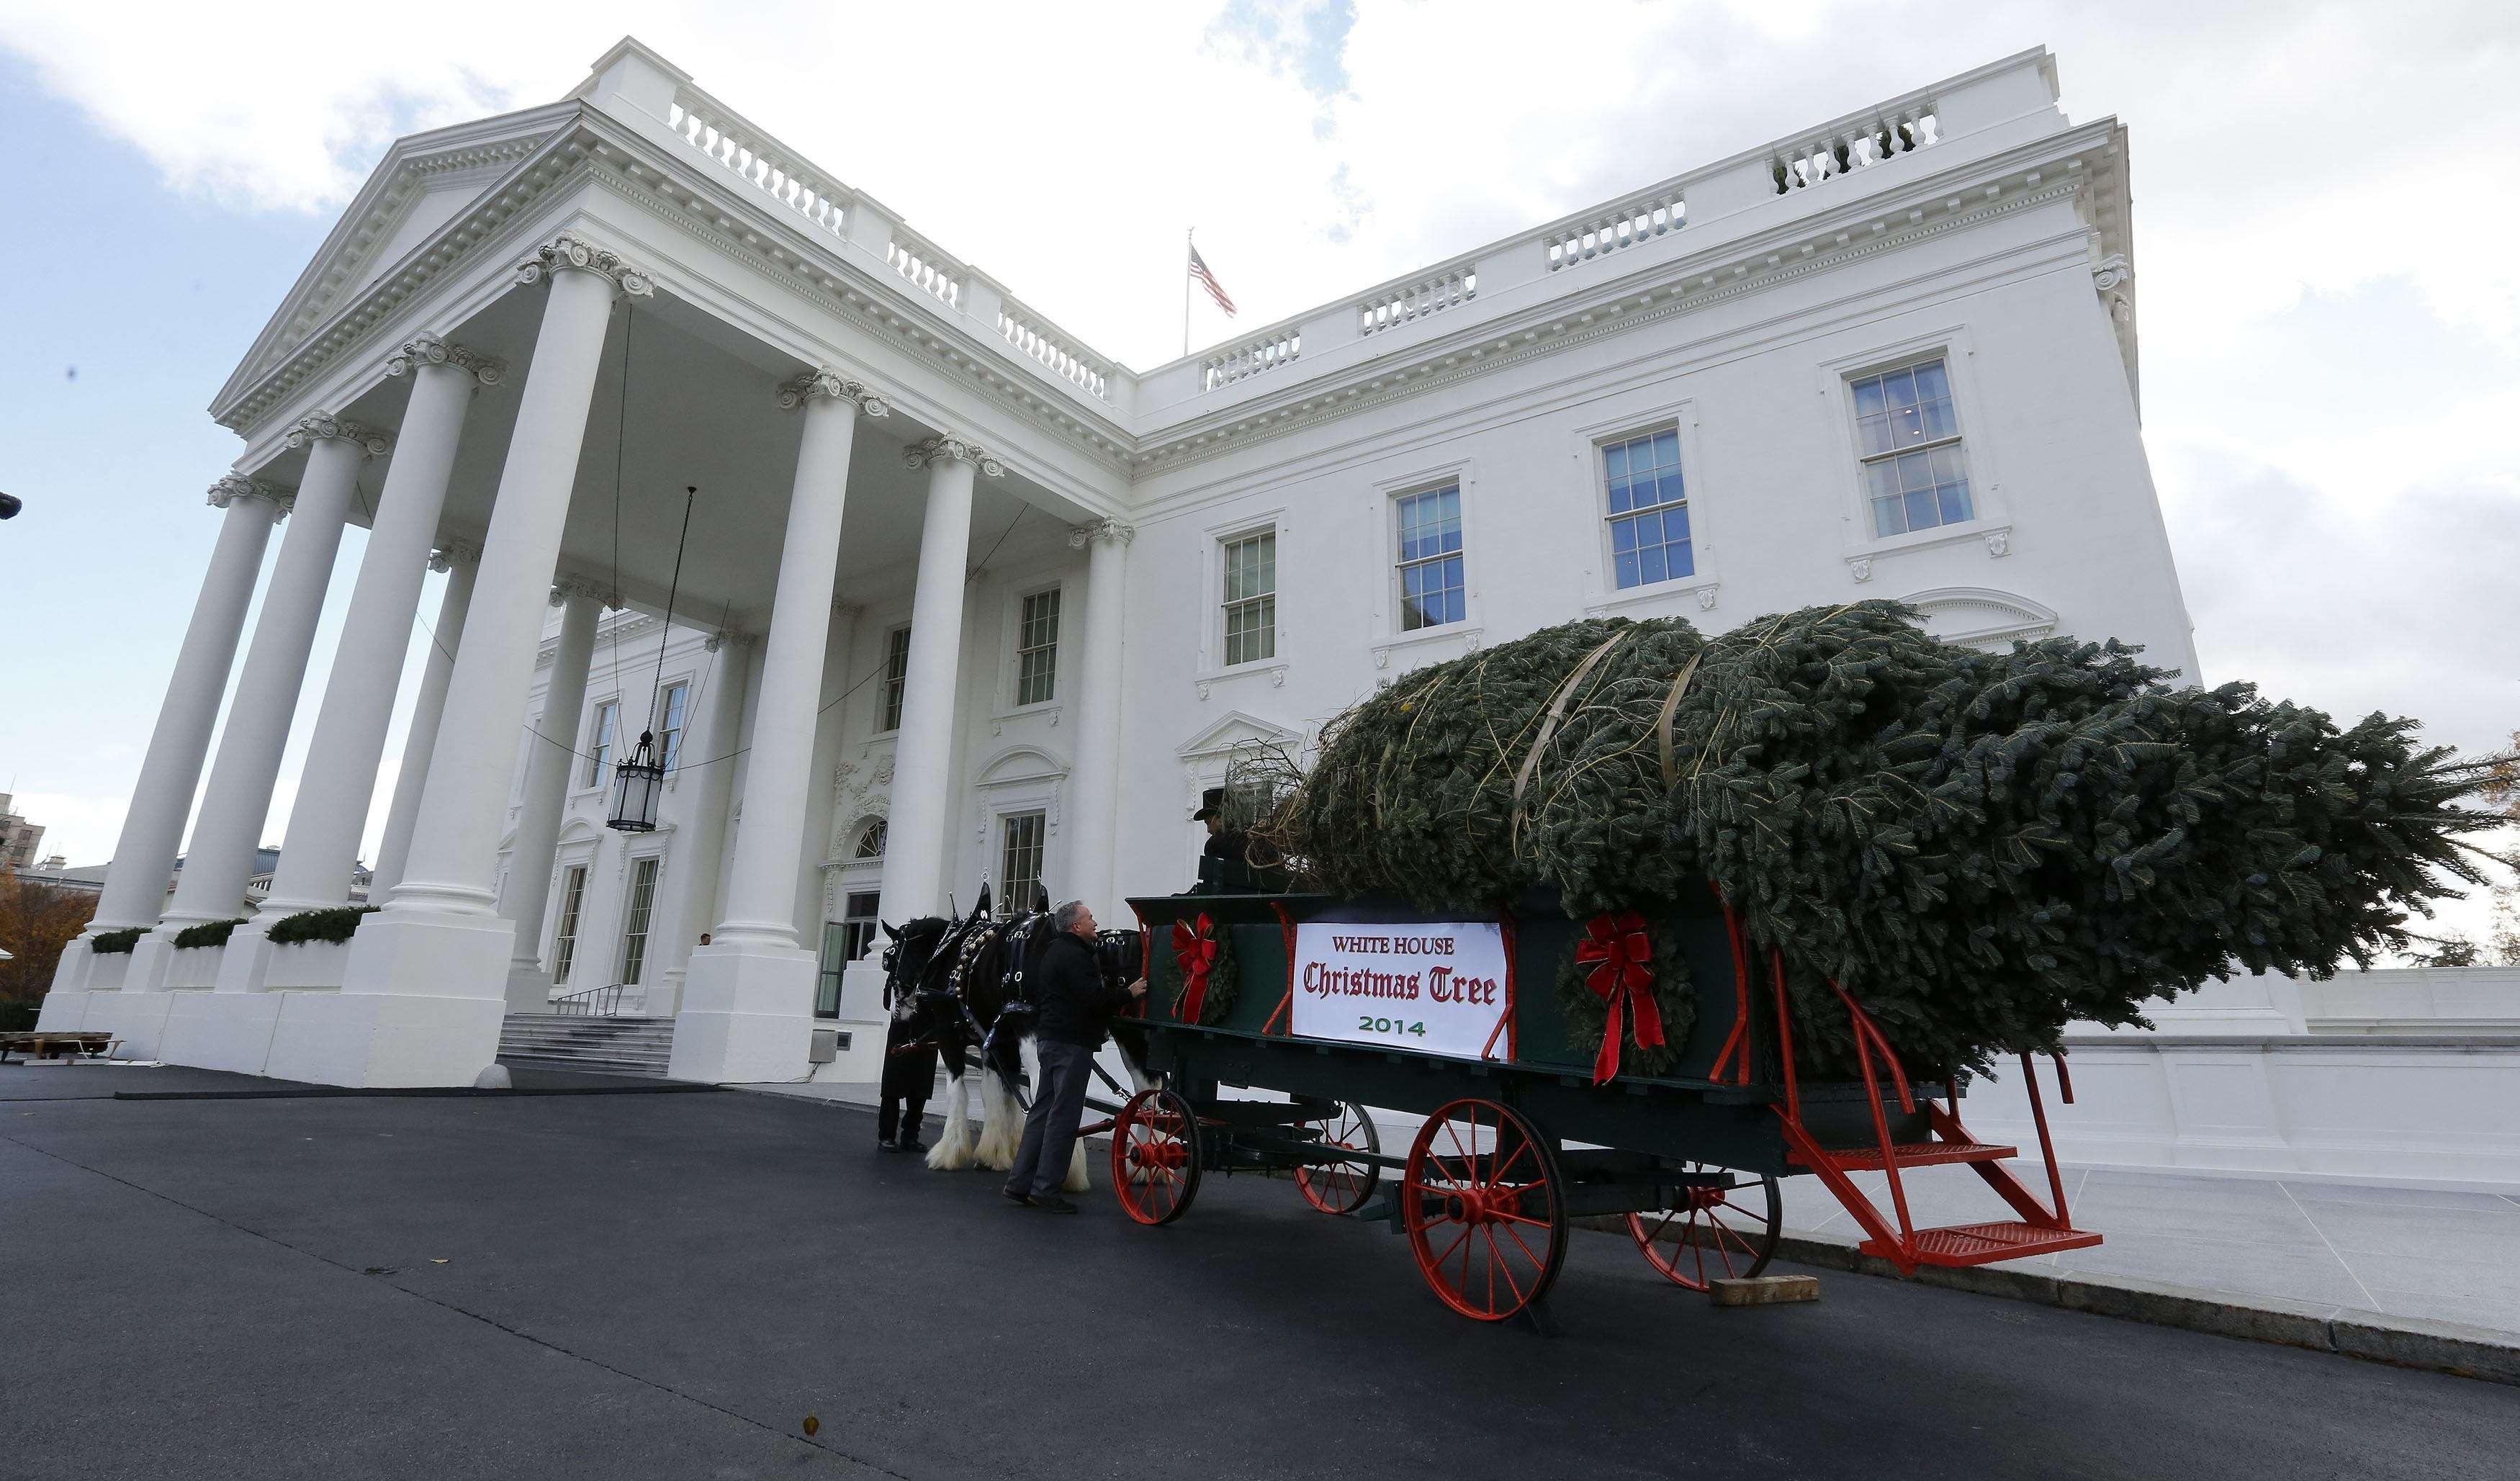 Tras una detallada revisión, la primera dama aceptó el ejemplar que acompañará a la familia Obama durante las fiestas de este año. Foto: Reuters en español